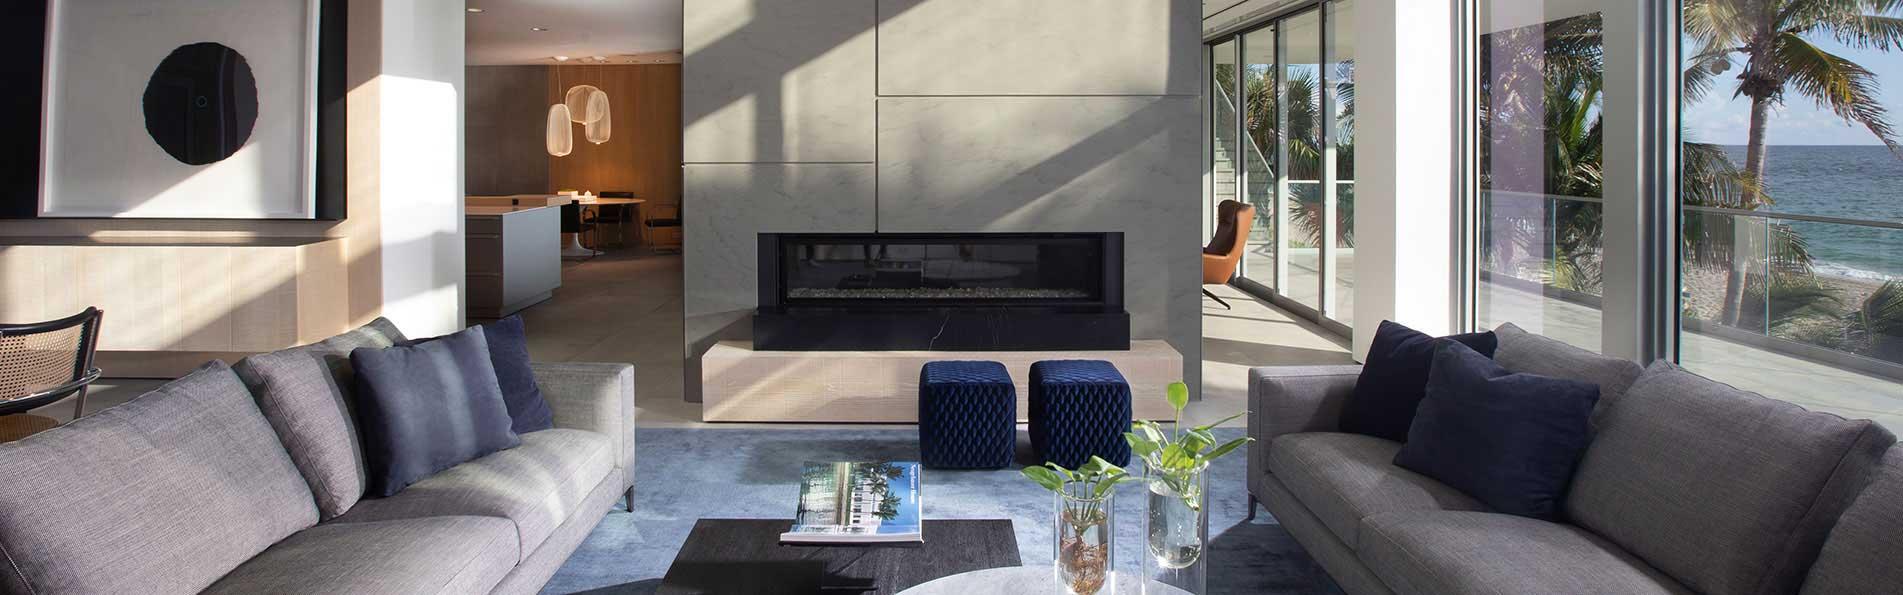 DKOR Interiors Residential Interior Design